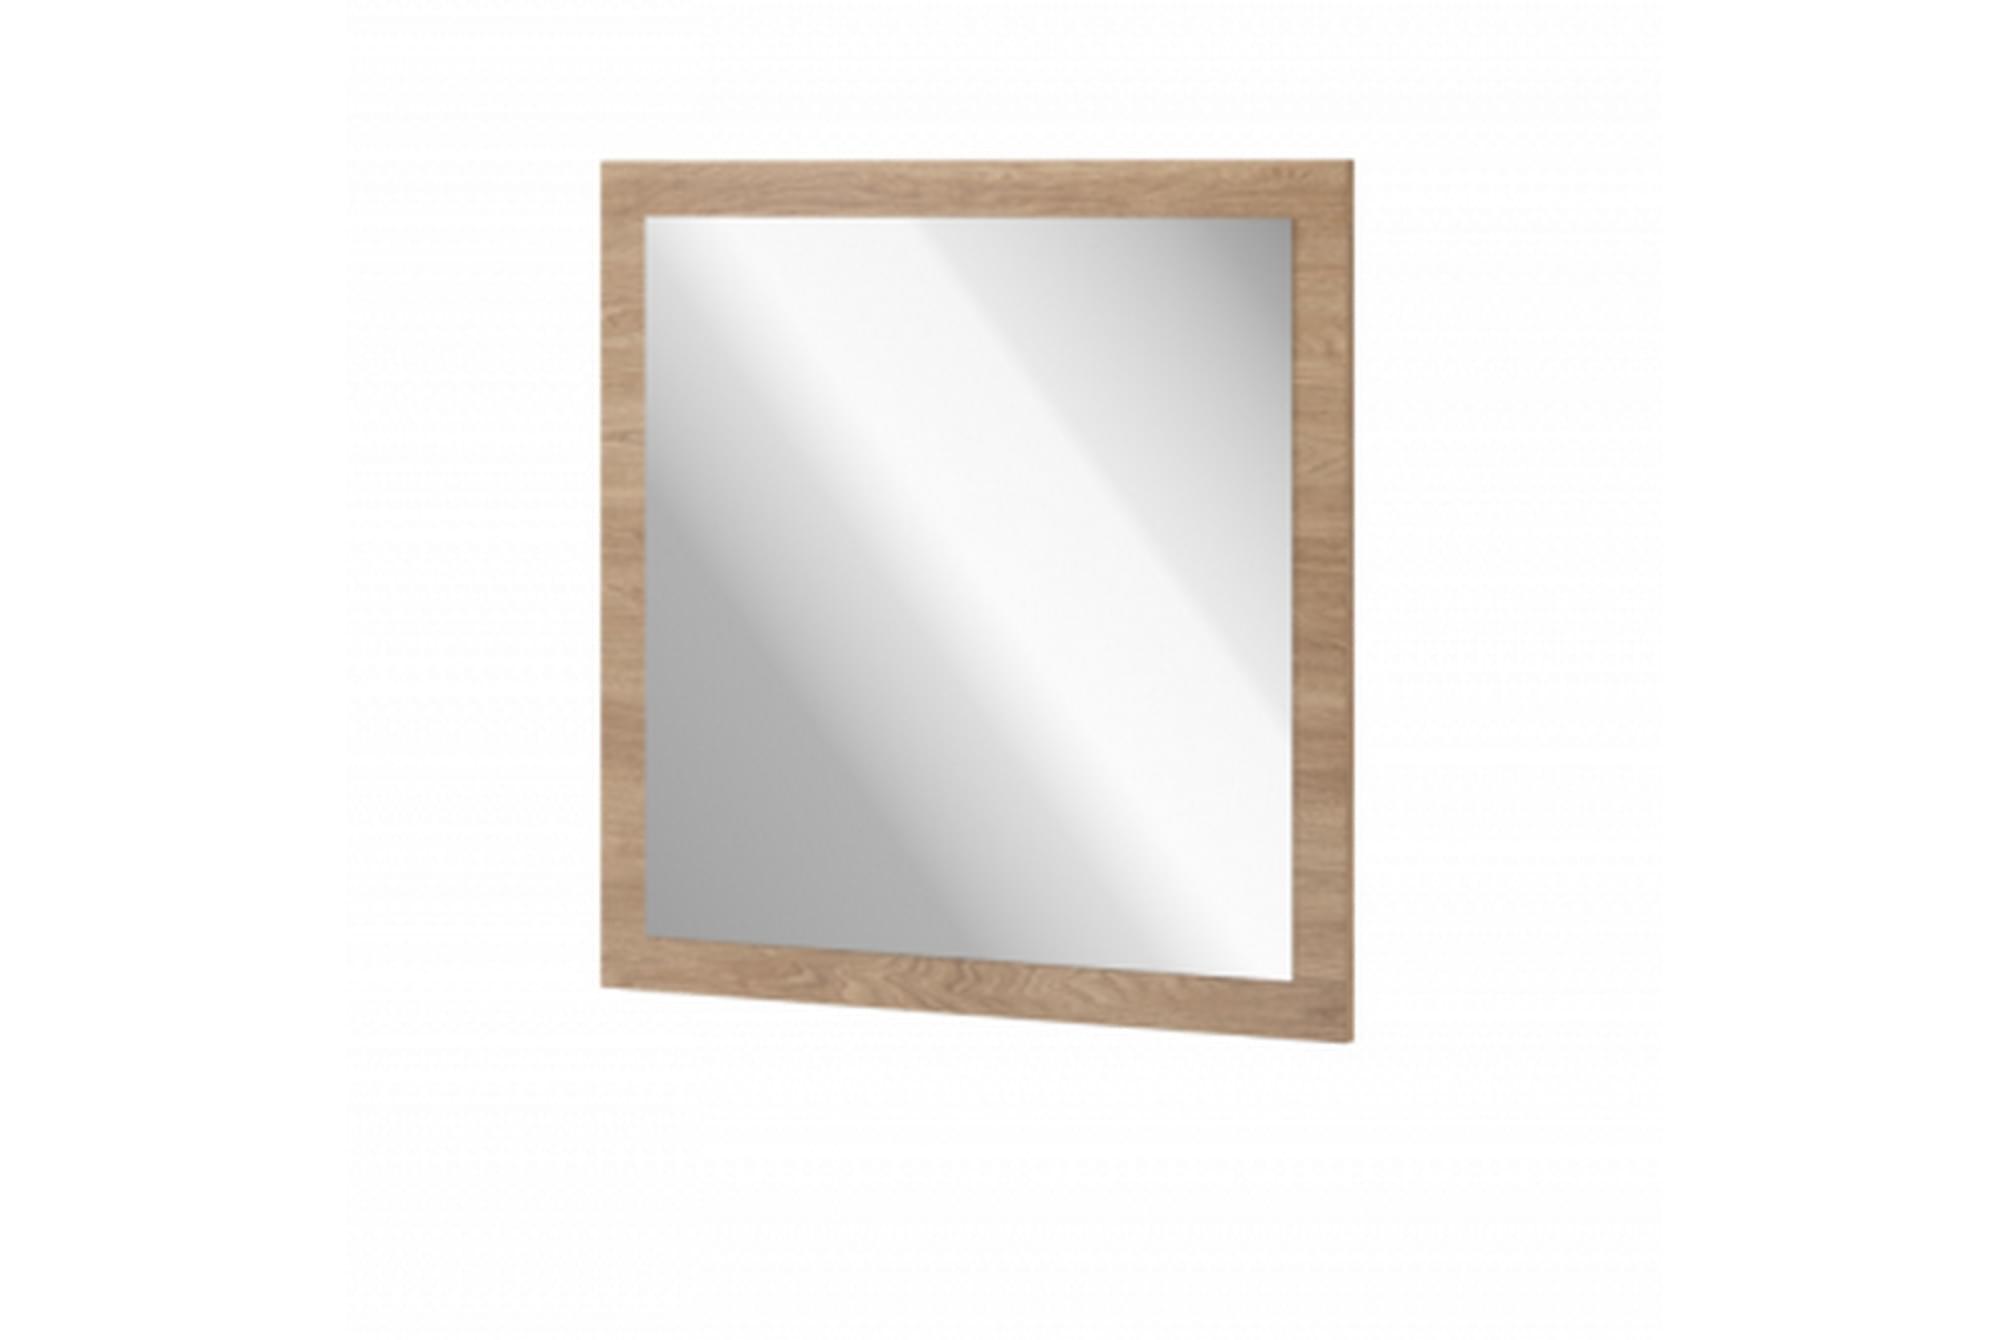 AURAI Spegel 78 Trä, Speglar